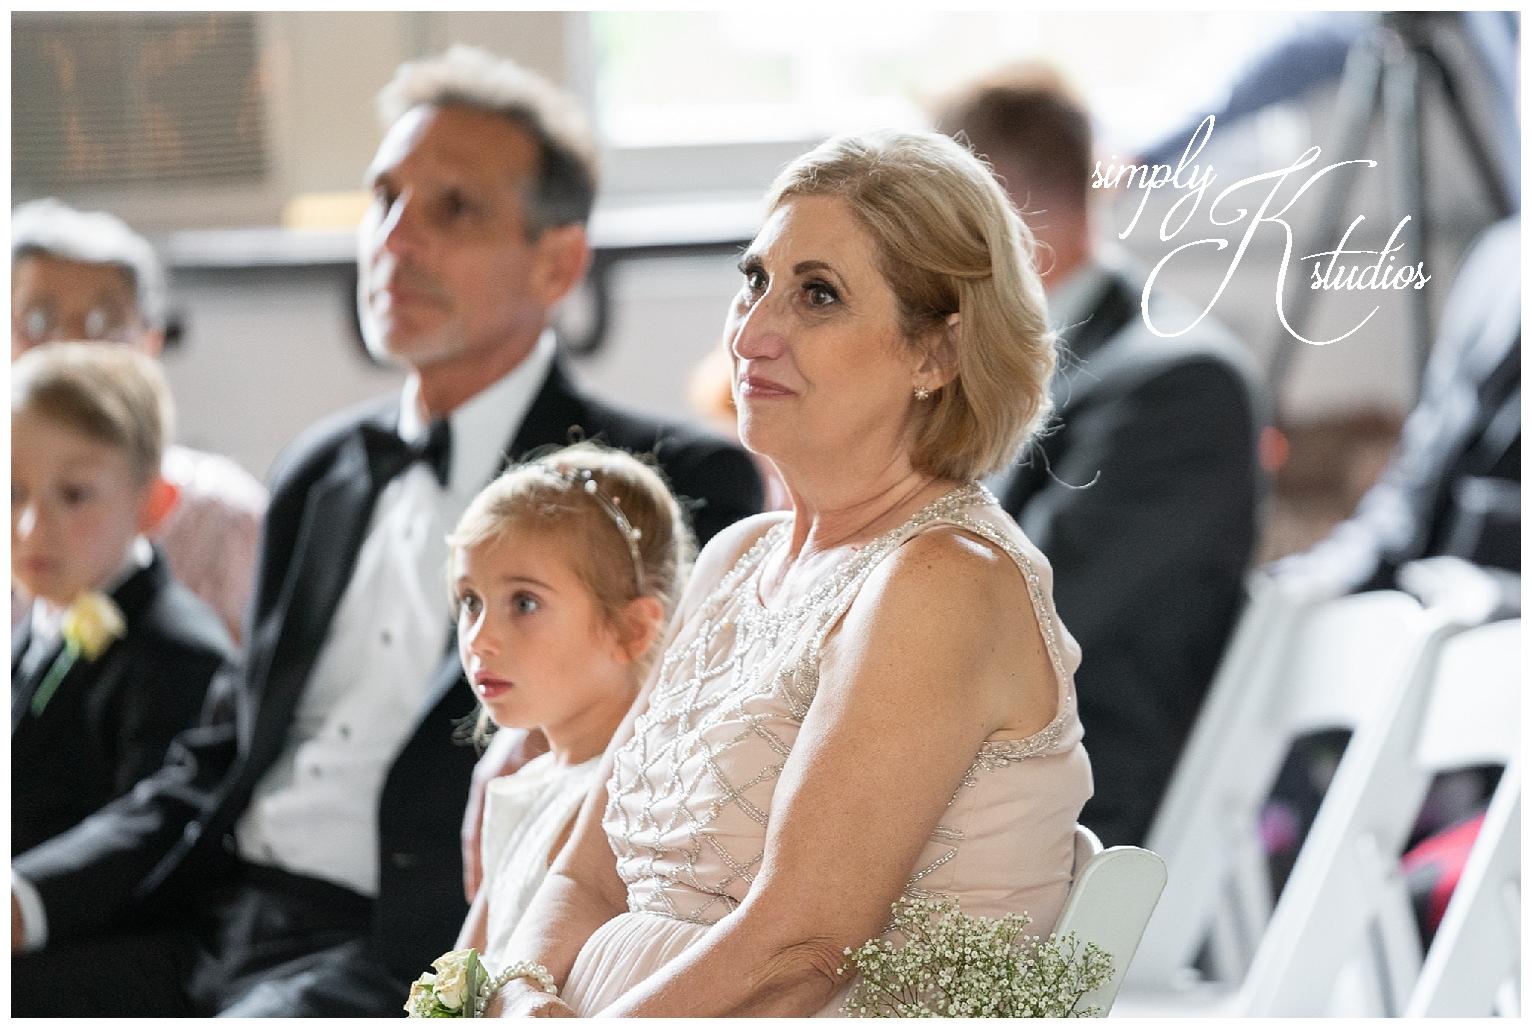 Family Photos at a Wedding.jpg